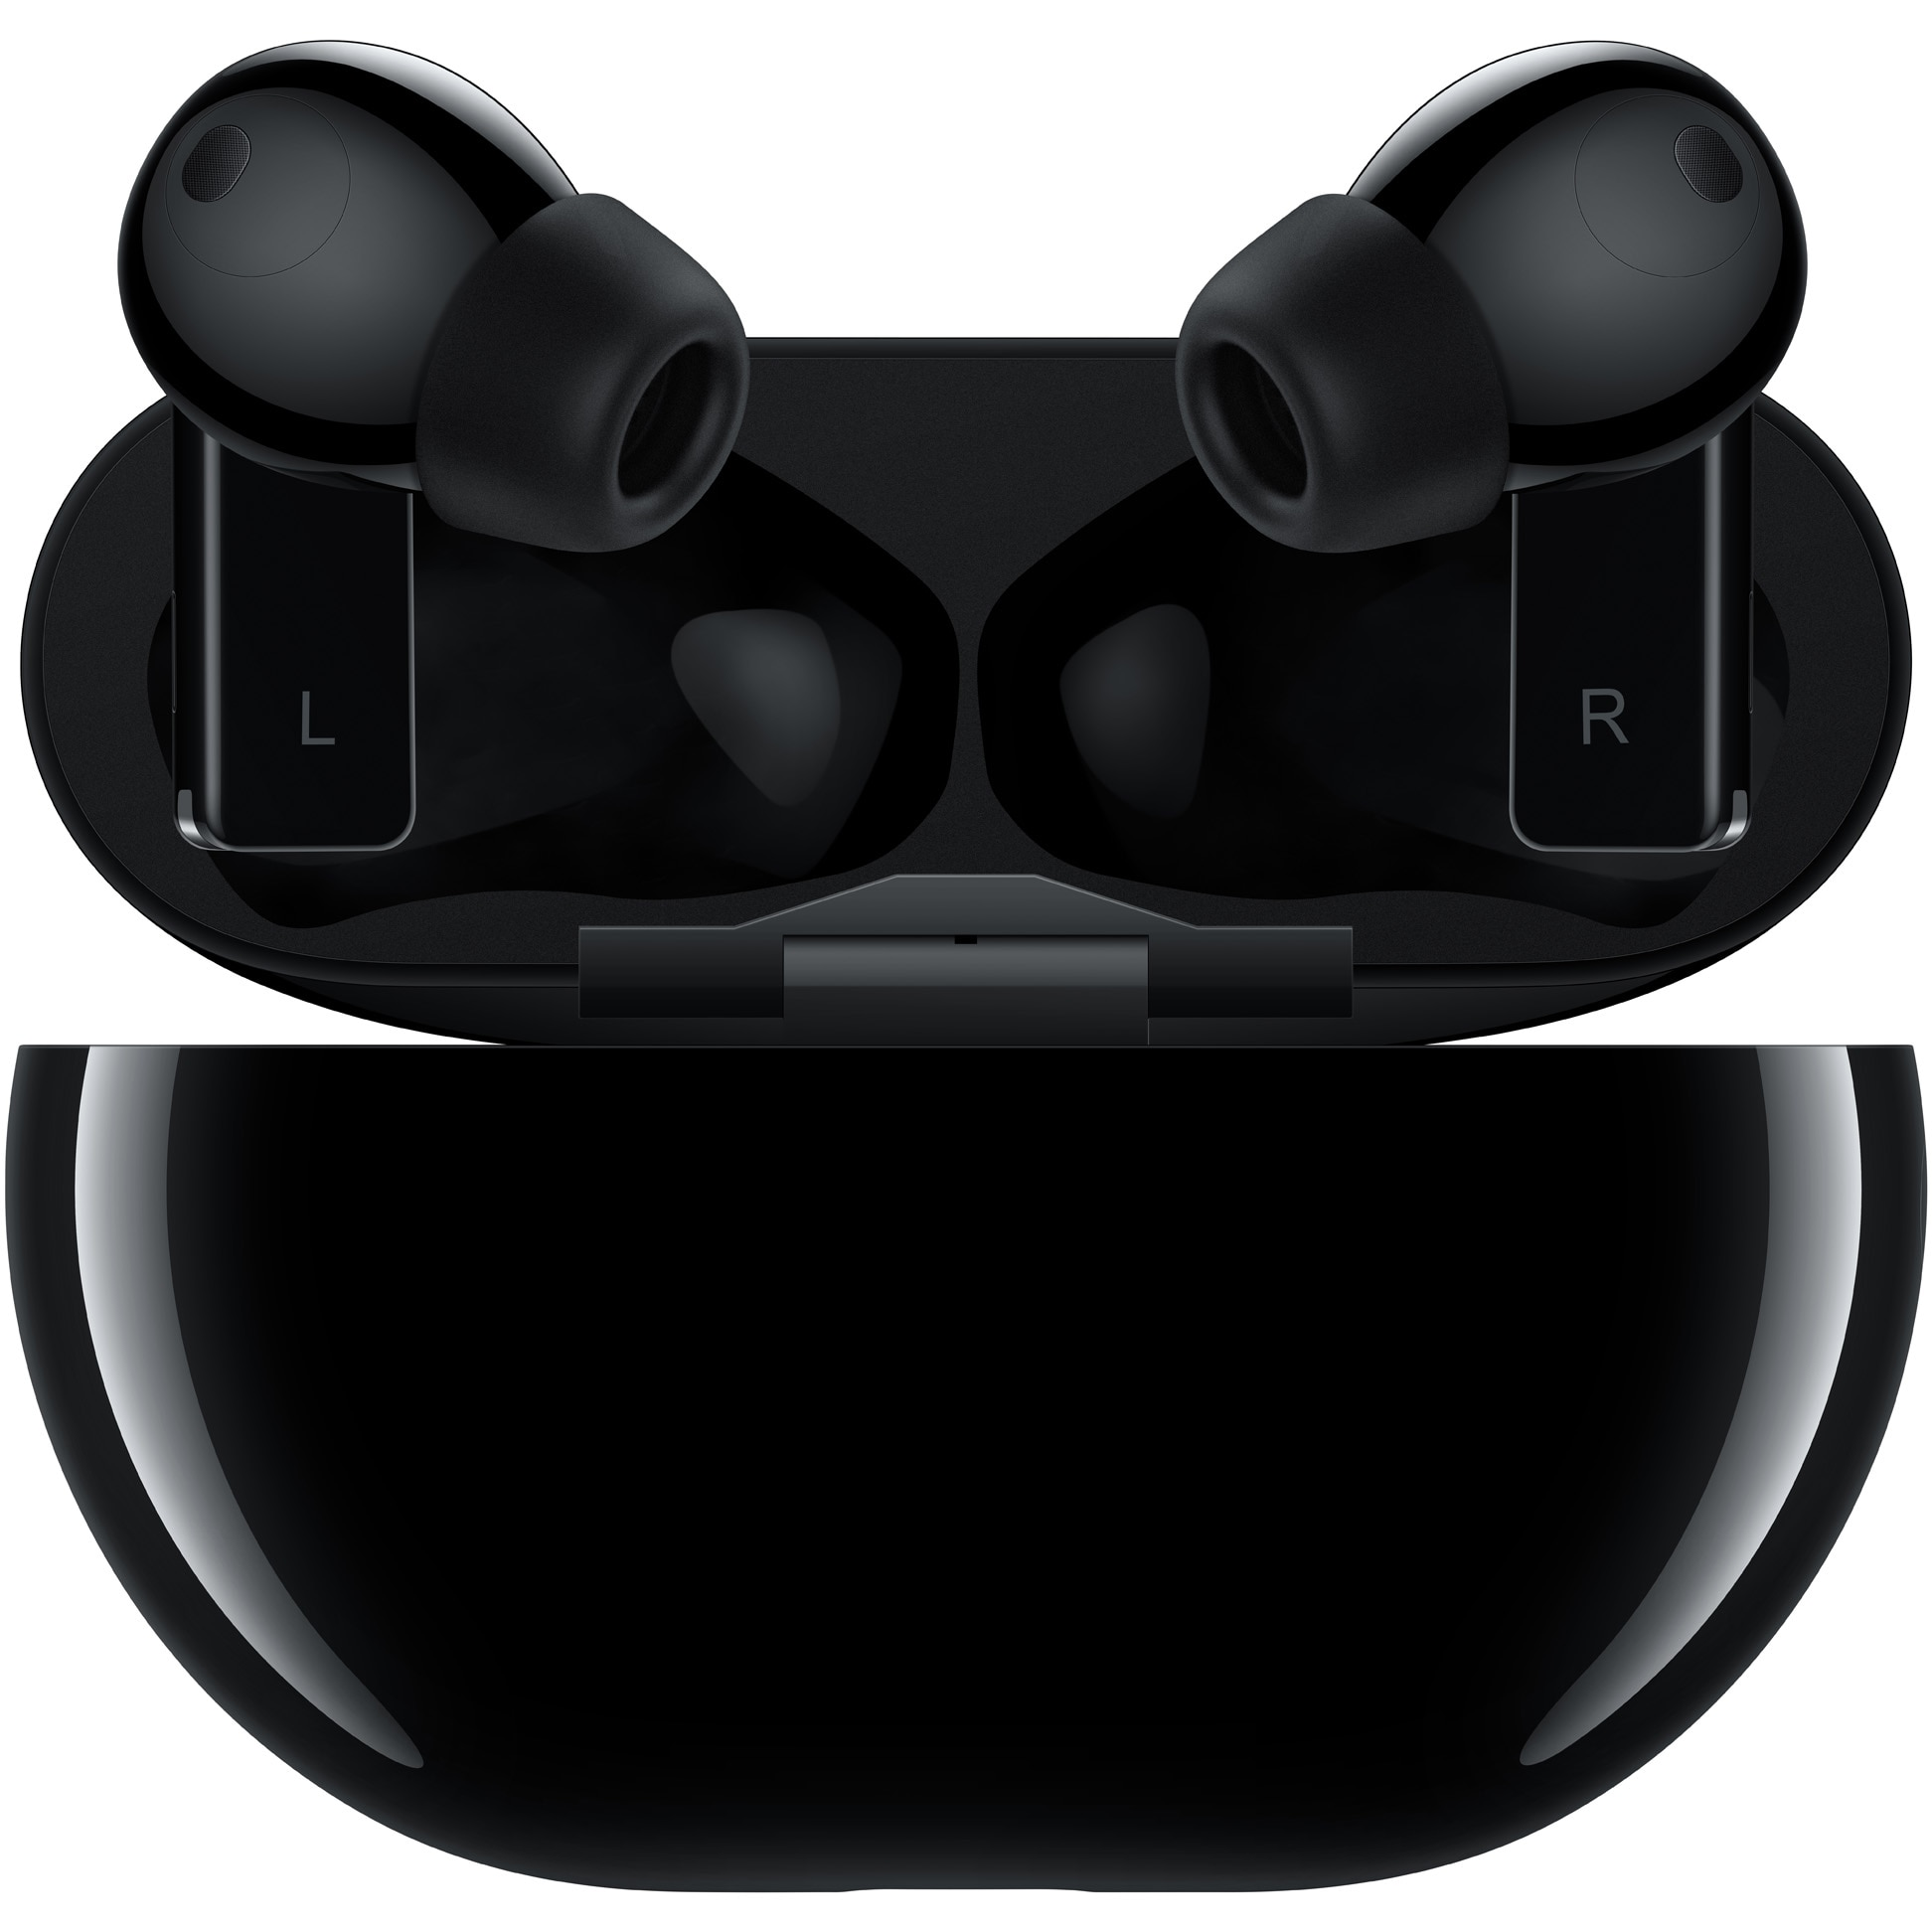 Fotografie Casti wireless Huawei FreeBuds Pro, Carbon Black